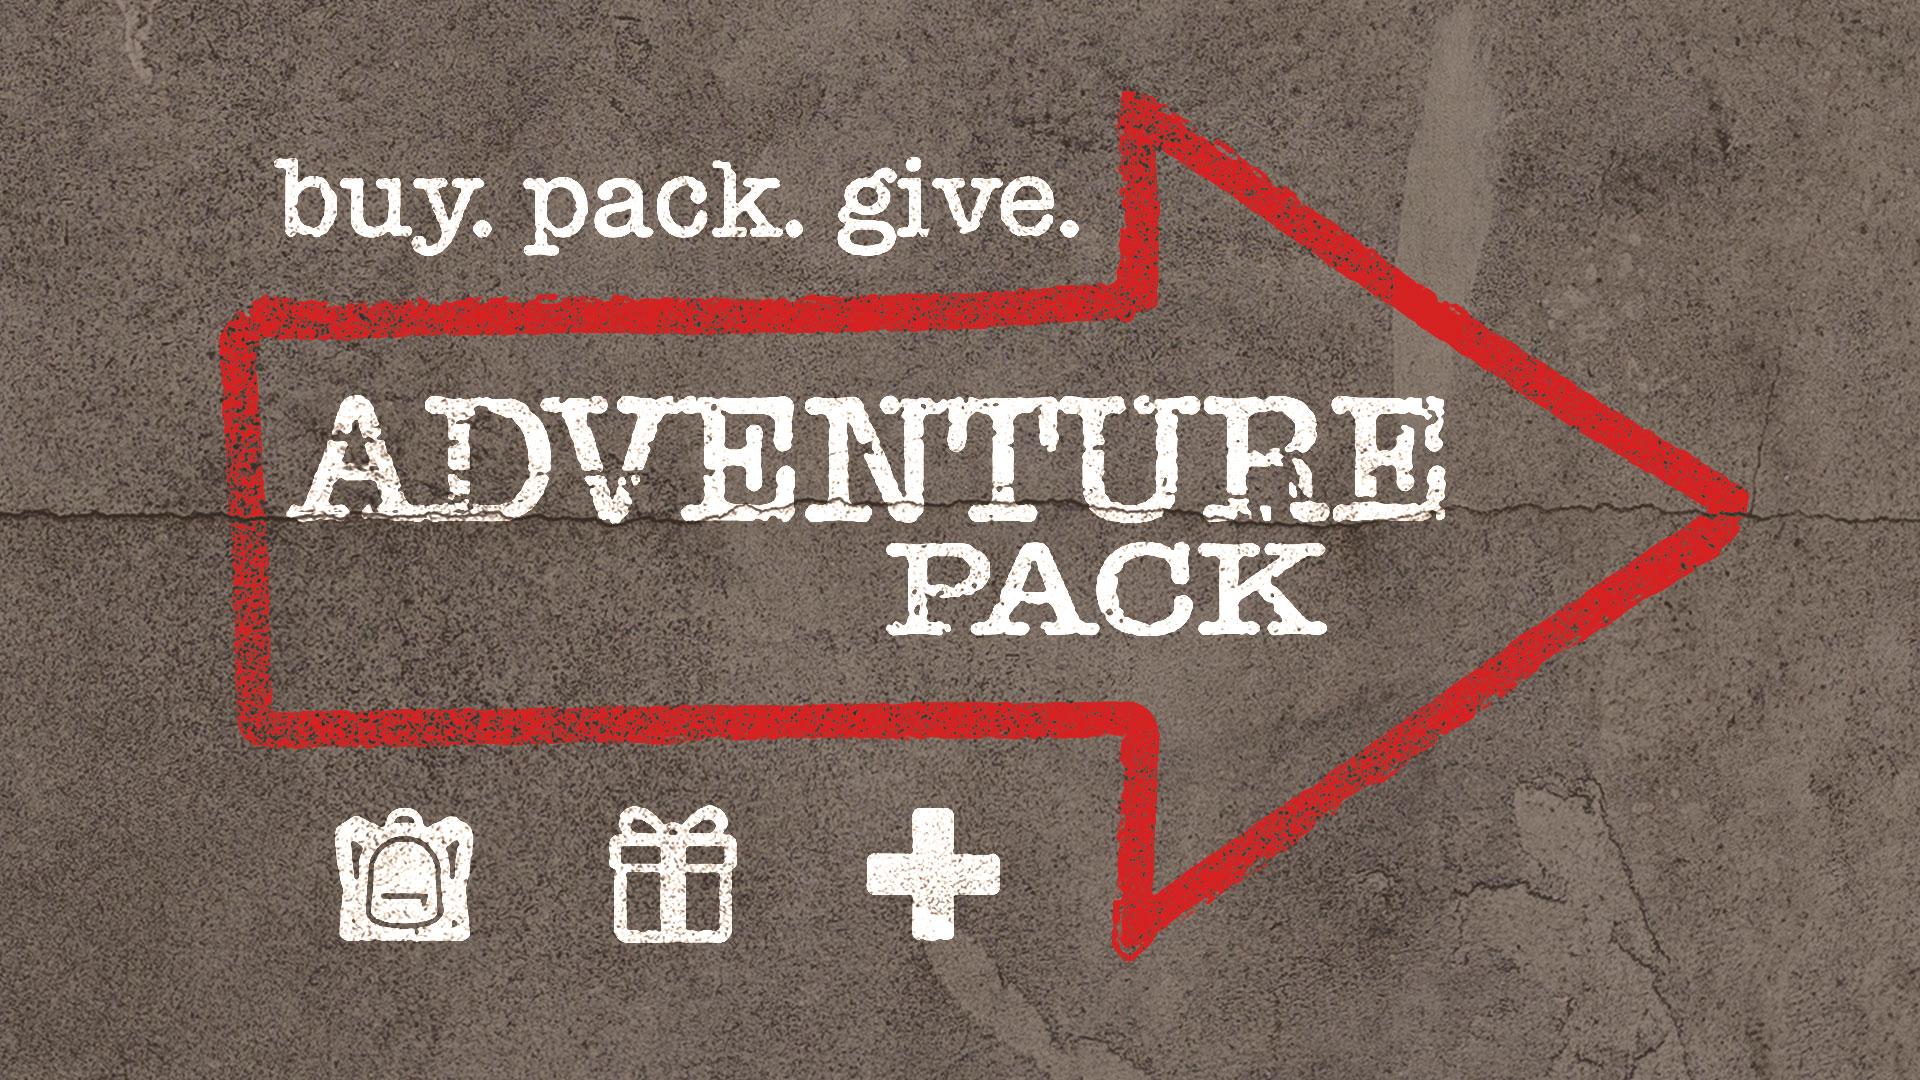 AdventurePack-Colombia.jpg